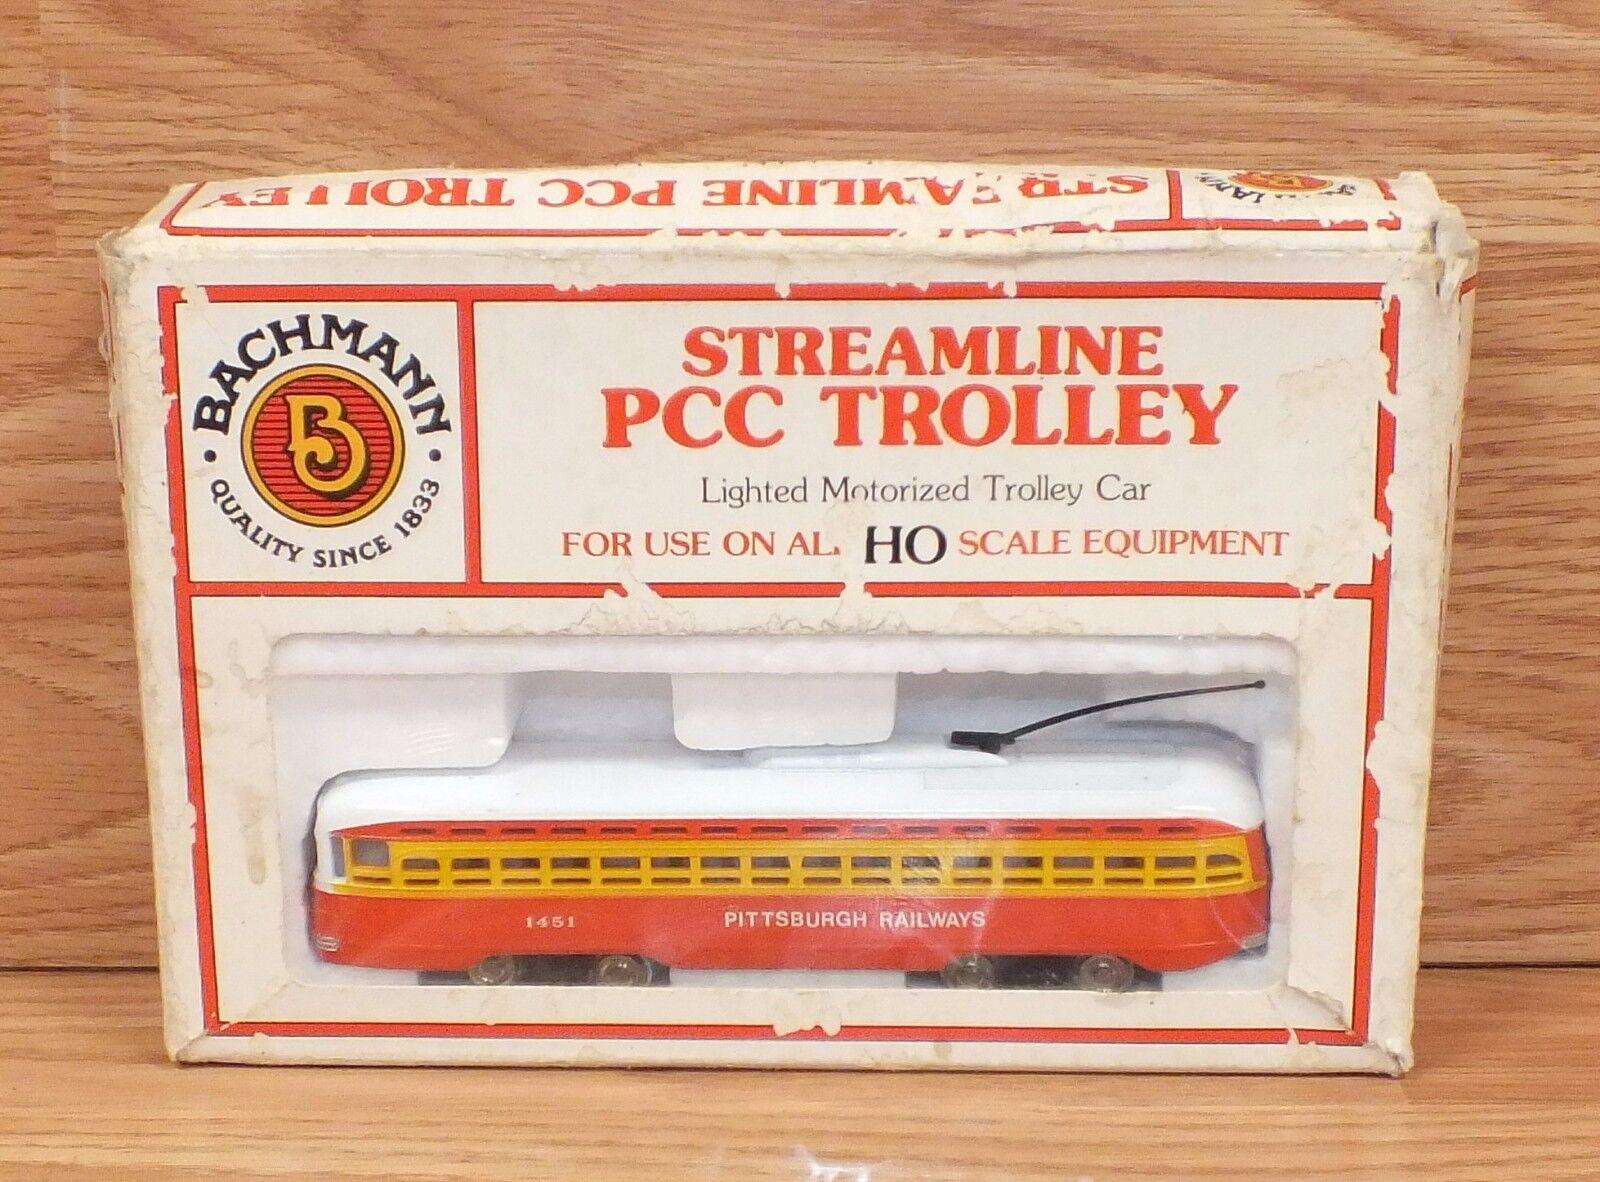 Genuine Bachmann Ho optimizar PCC Trolley - 1451 de los ferroCocheriles de Pittsburgh  lea